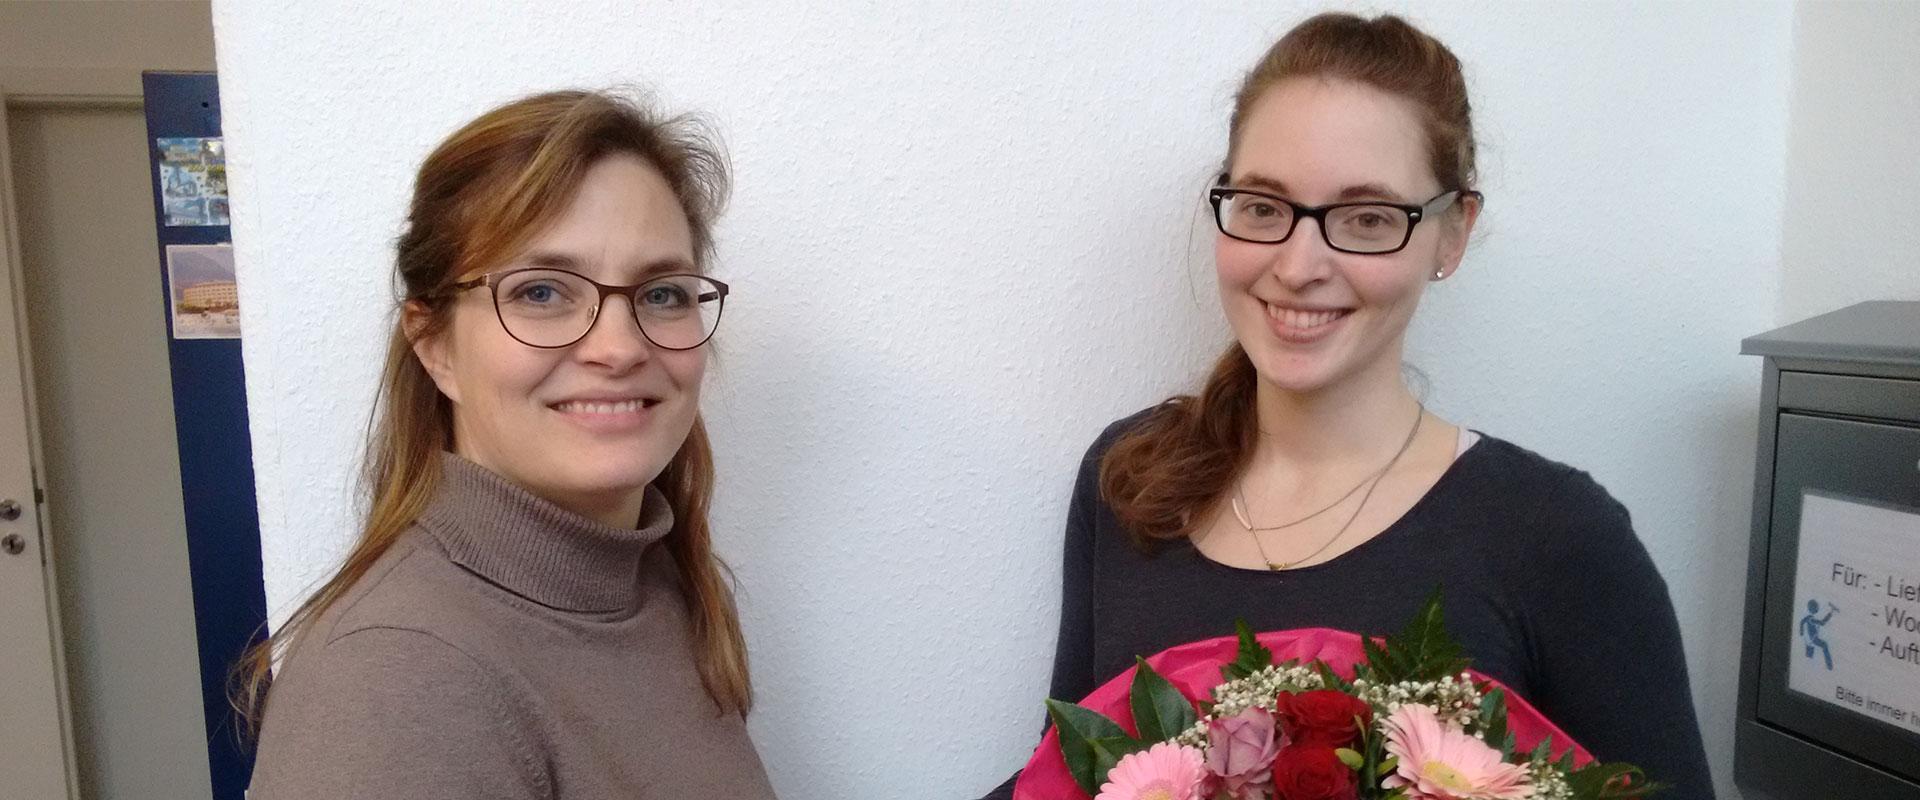 Almut Pohlabeln besteht ihre Ausbildung zur Kauffrau für Büromanagement mit Auszeichnung